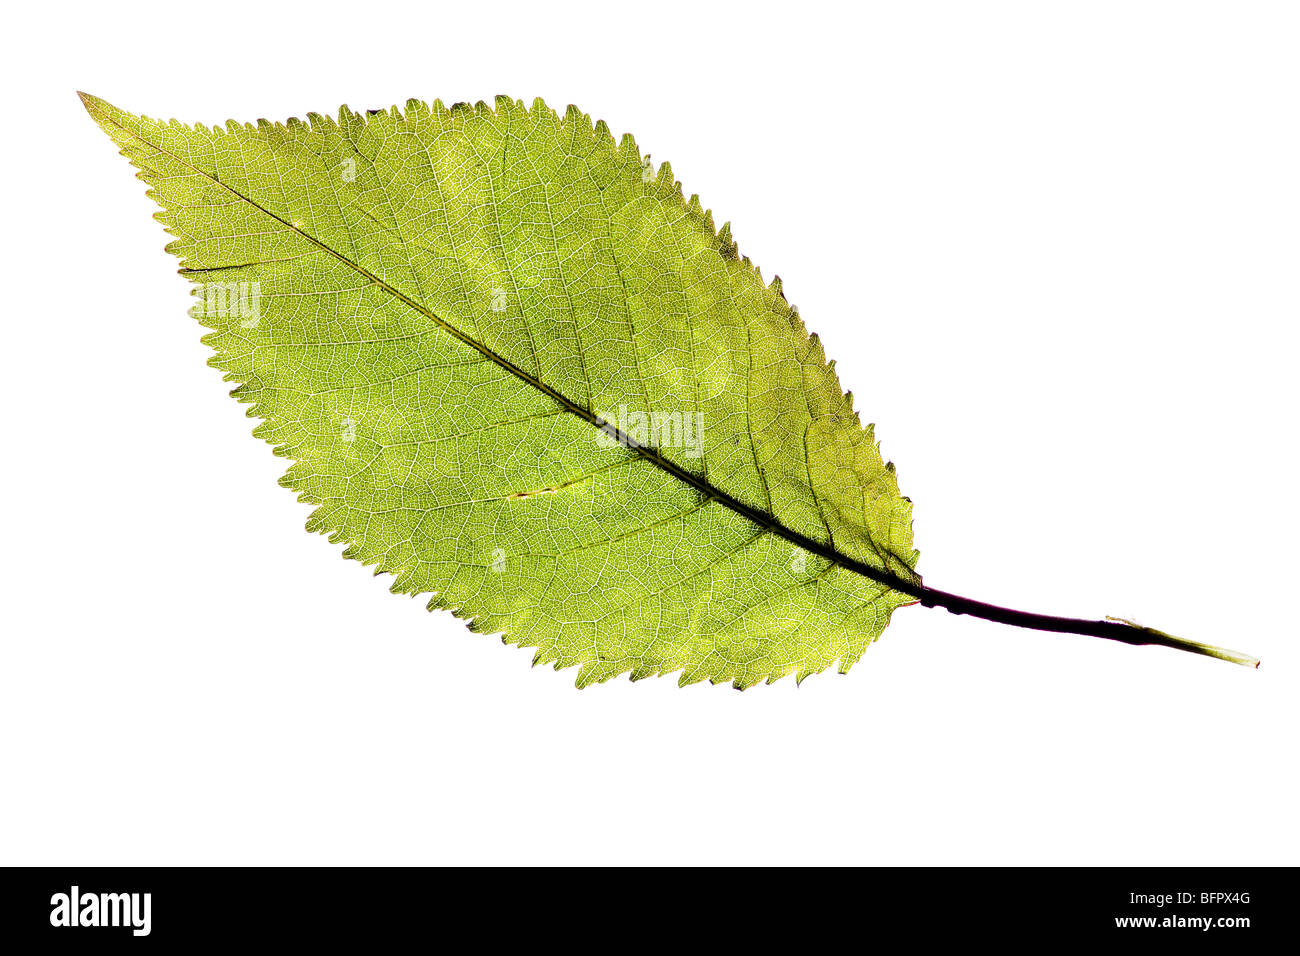 Verde foglia naturale isolato su uno sfondo bianco Immagini Stock